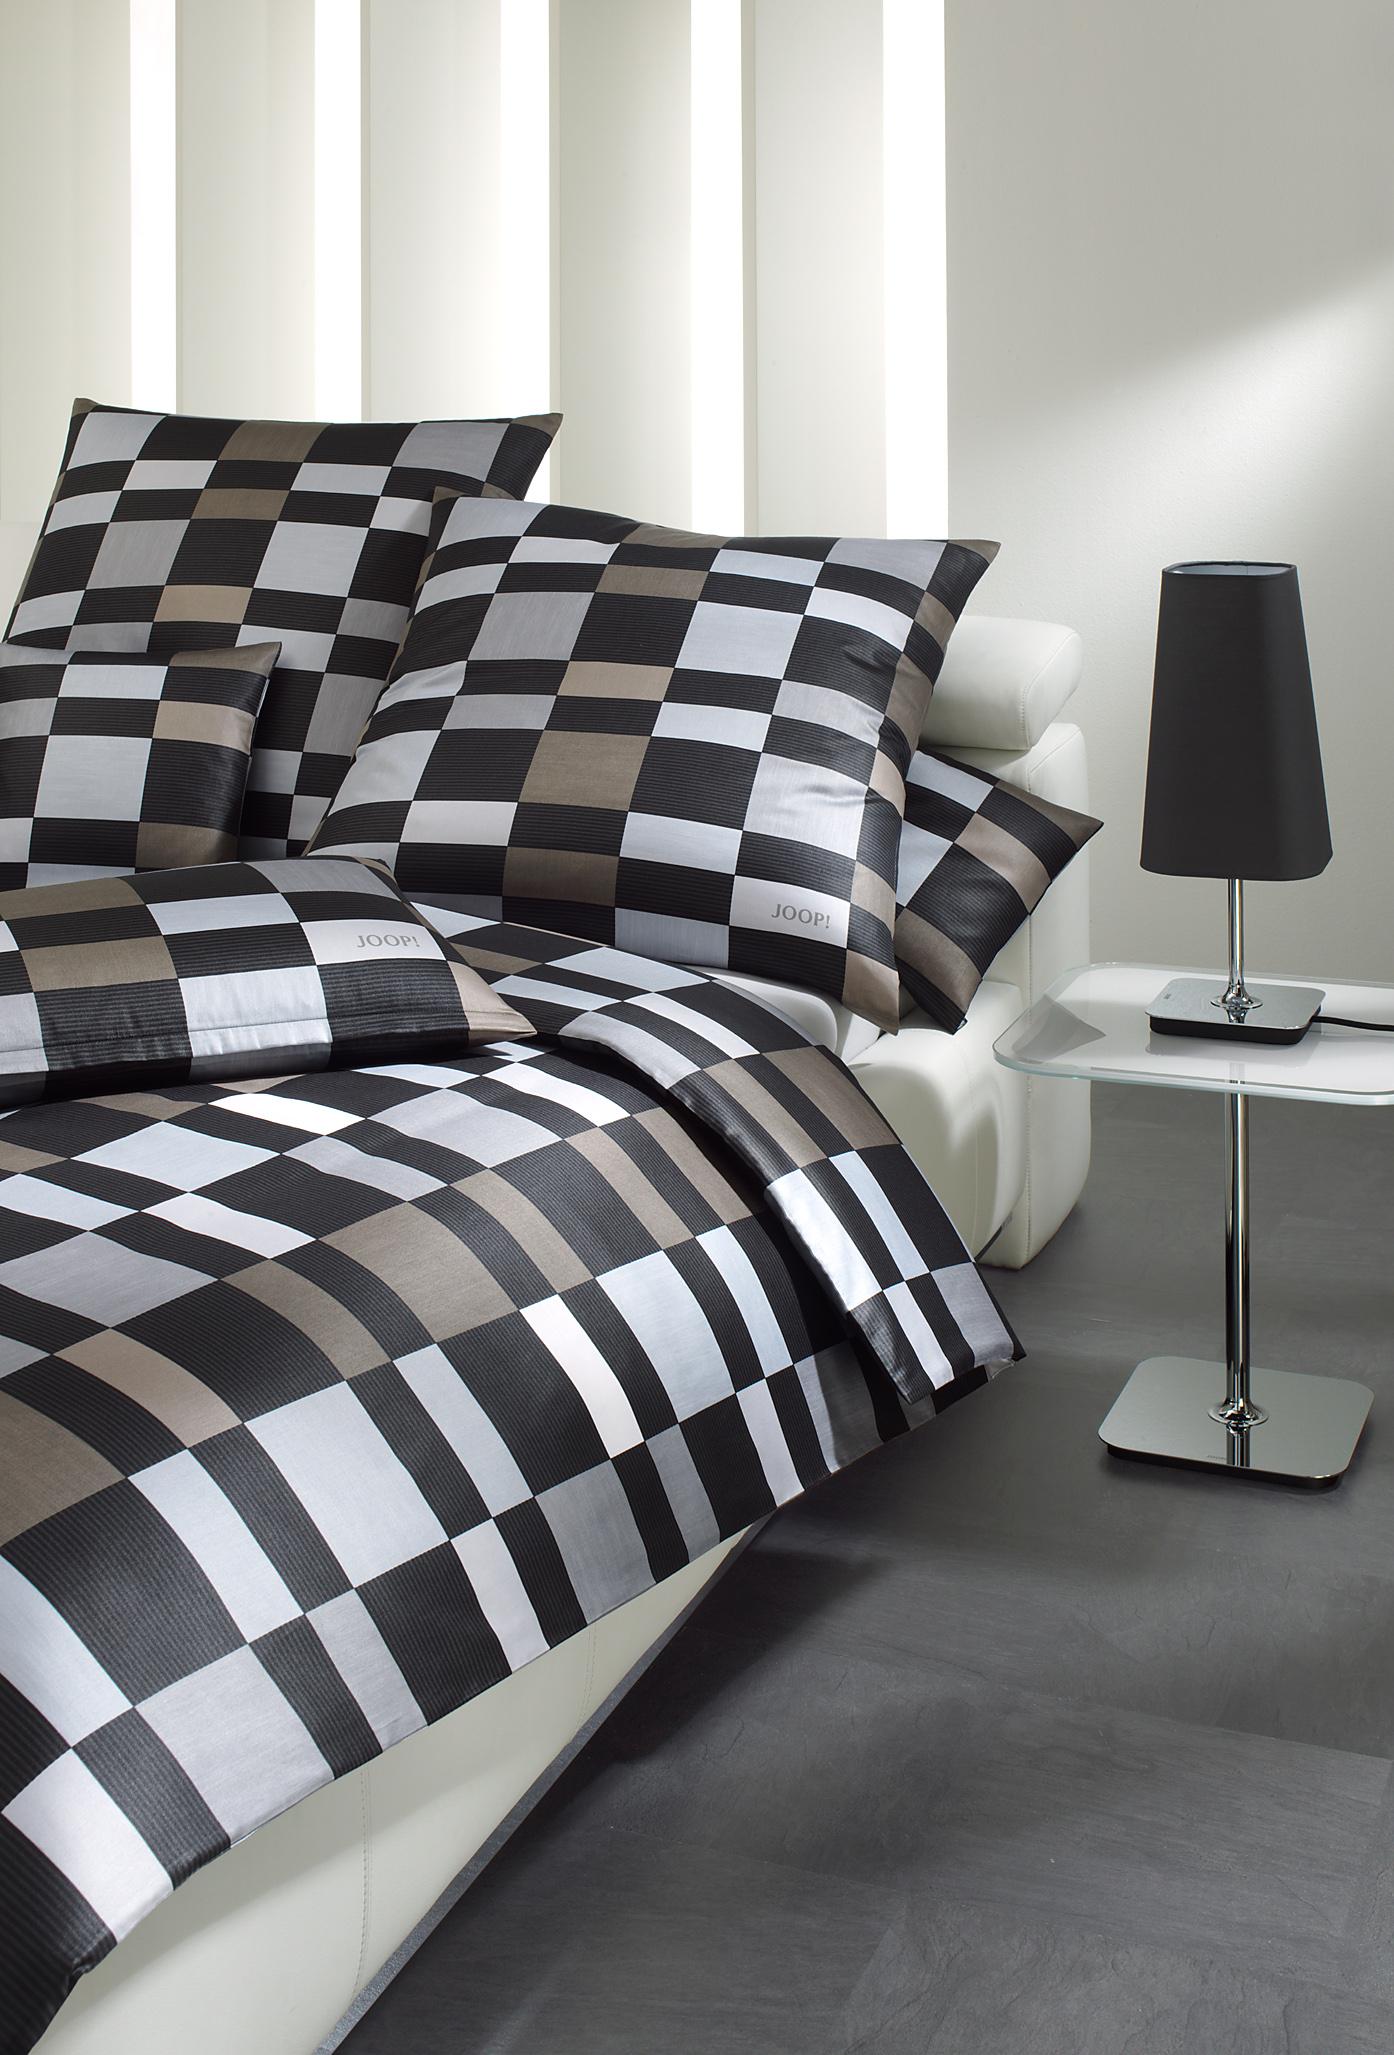 Möbel-Eins JOOP! Bettwäsche Lucern Squares grau / braun 4044-9 in 2 Größen